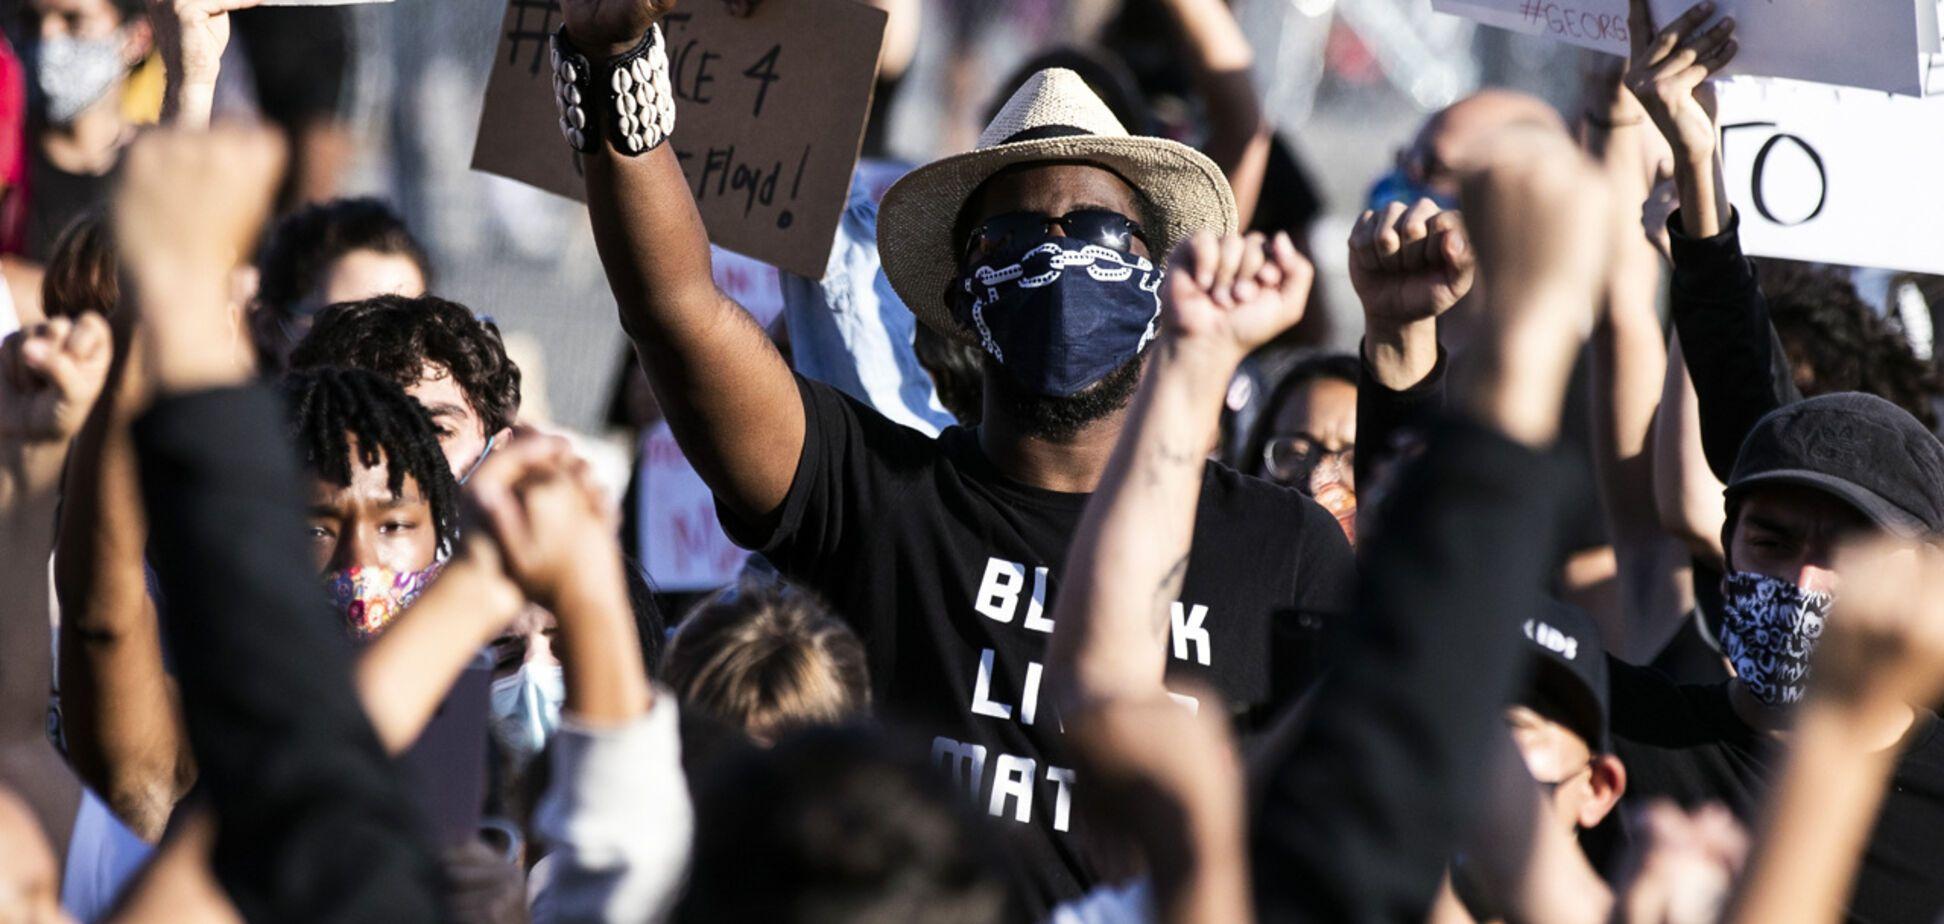 Протесты в США не закончены, на улицах ожидается рекорд демонстрантов